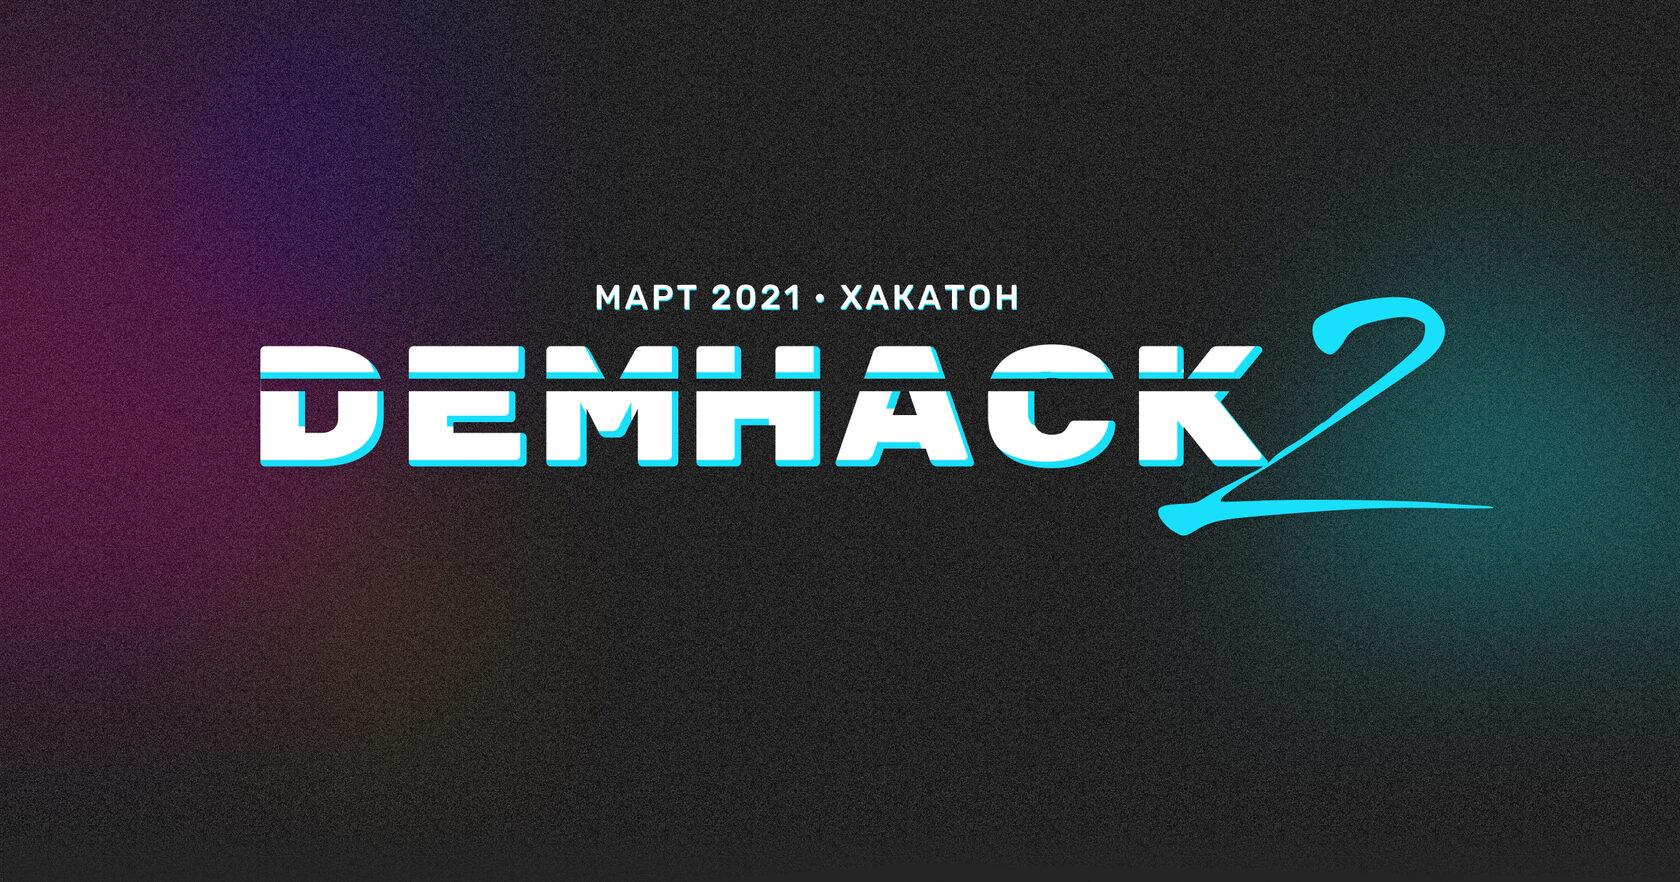 Хакатон Demhack 2 будет посвящен вопросам приватности и доступа к информации